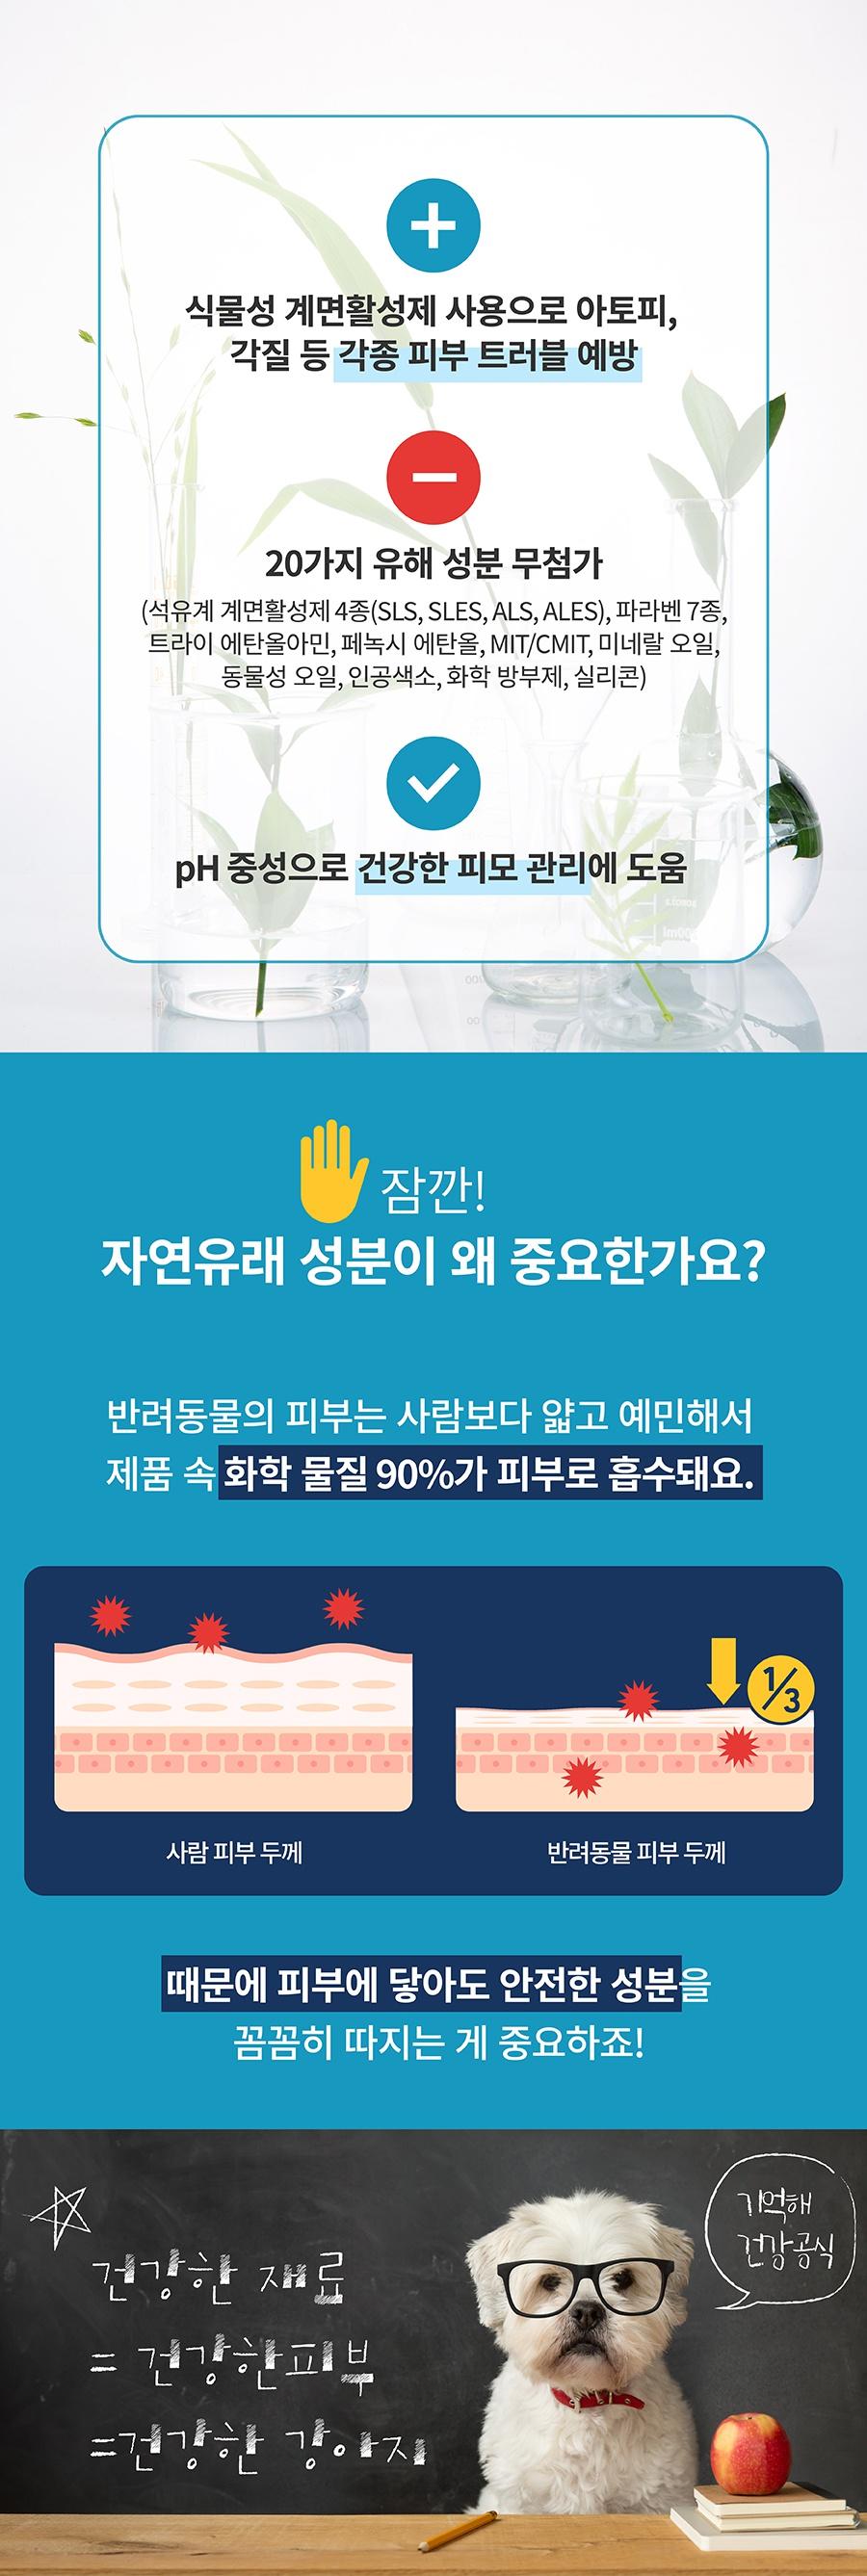 [EVENT] 포우장 보글보글 탄산샴푸-상품이미지-10